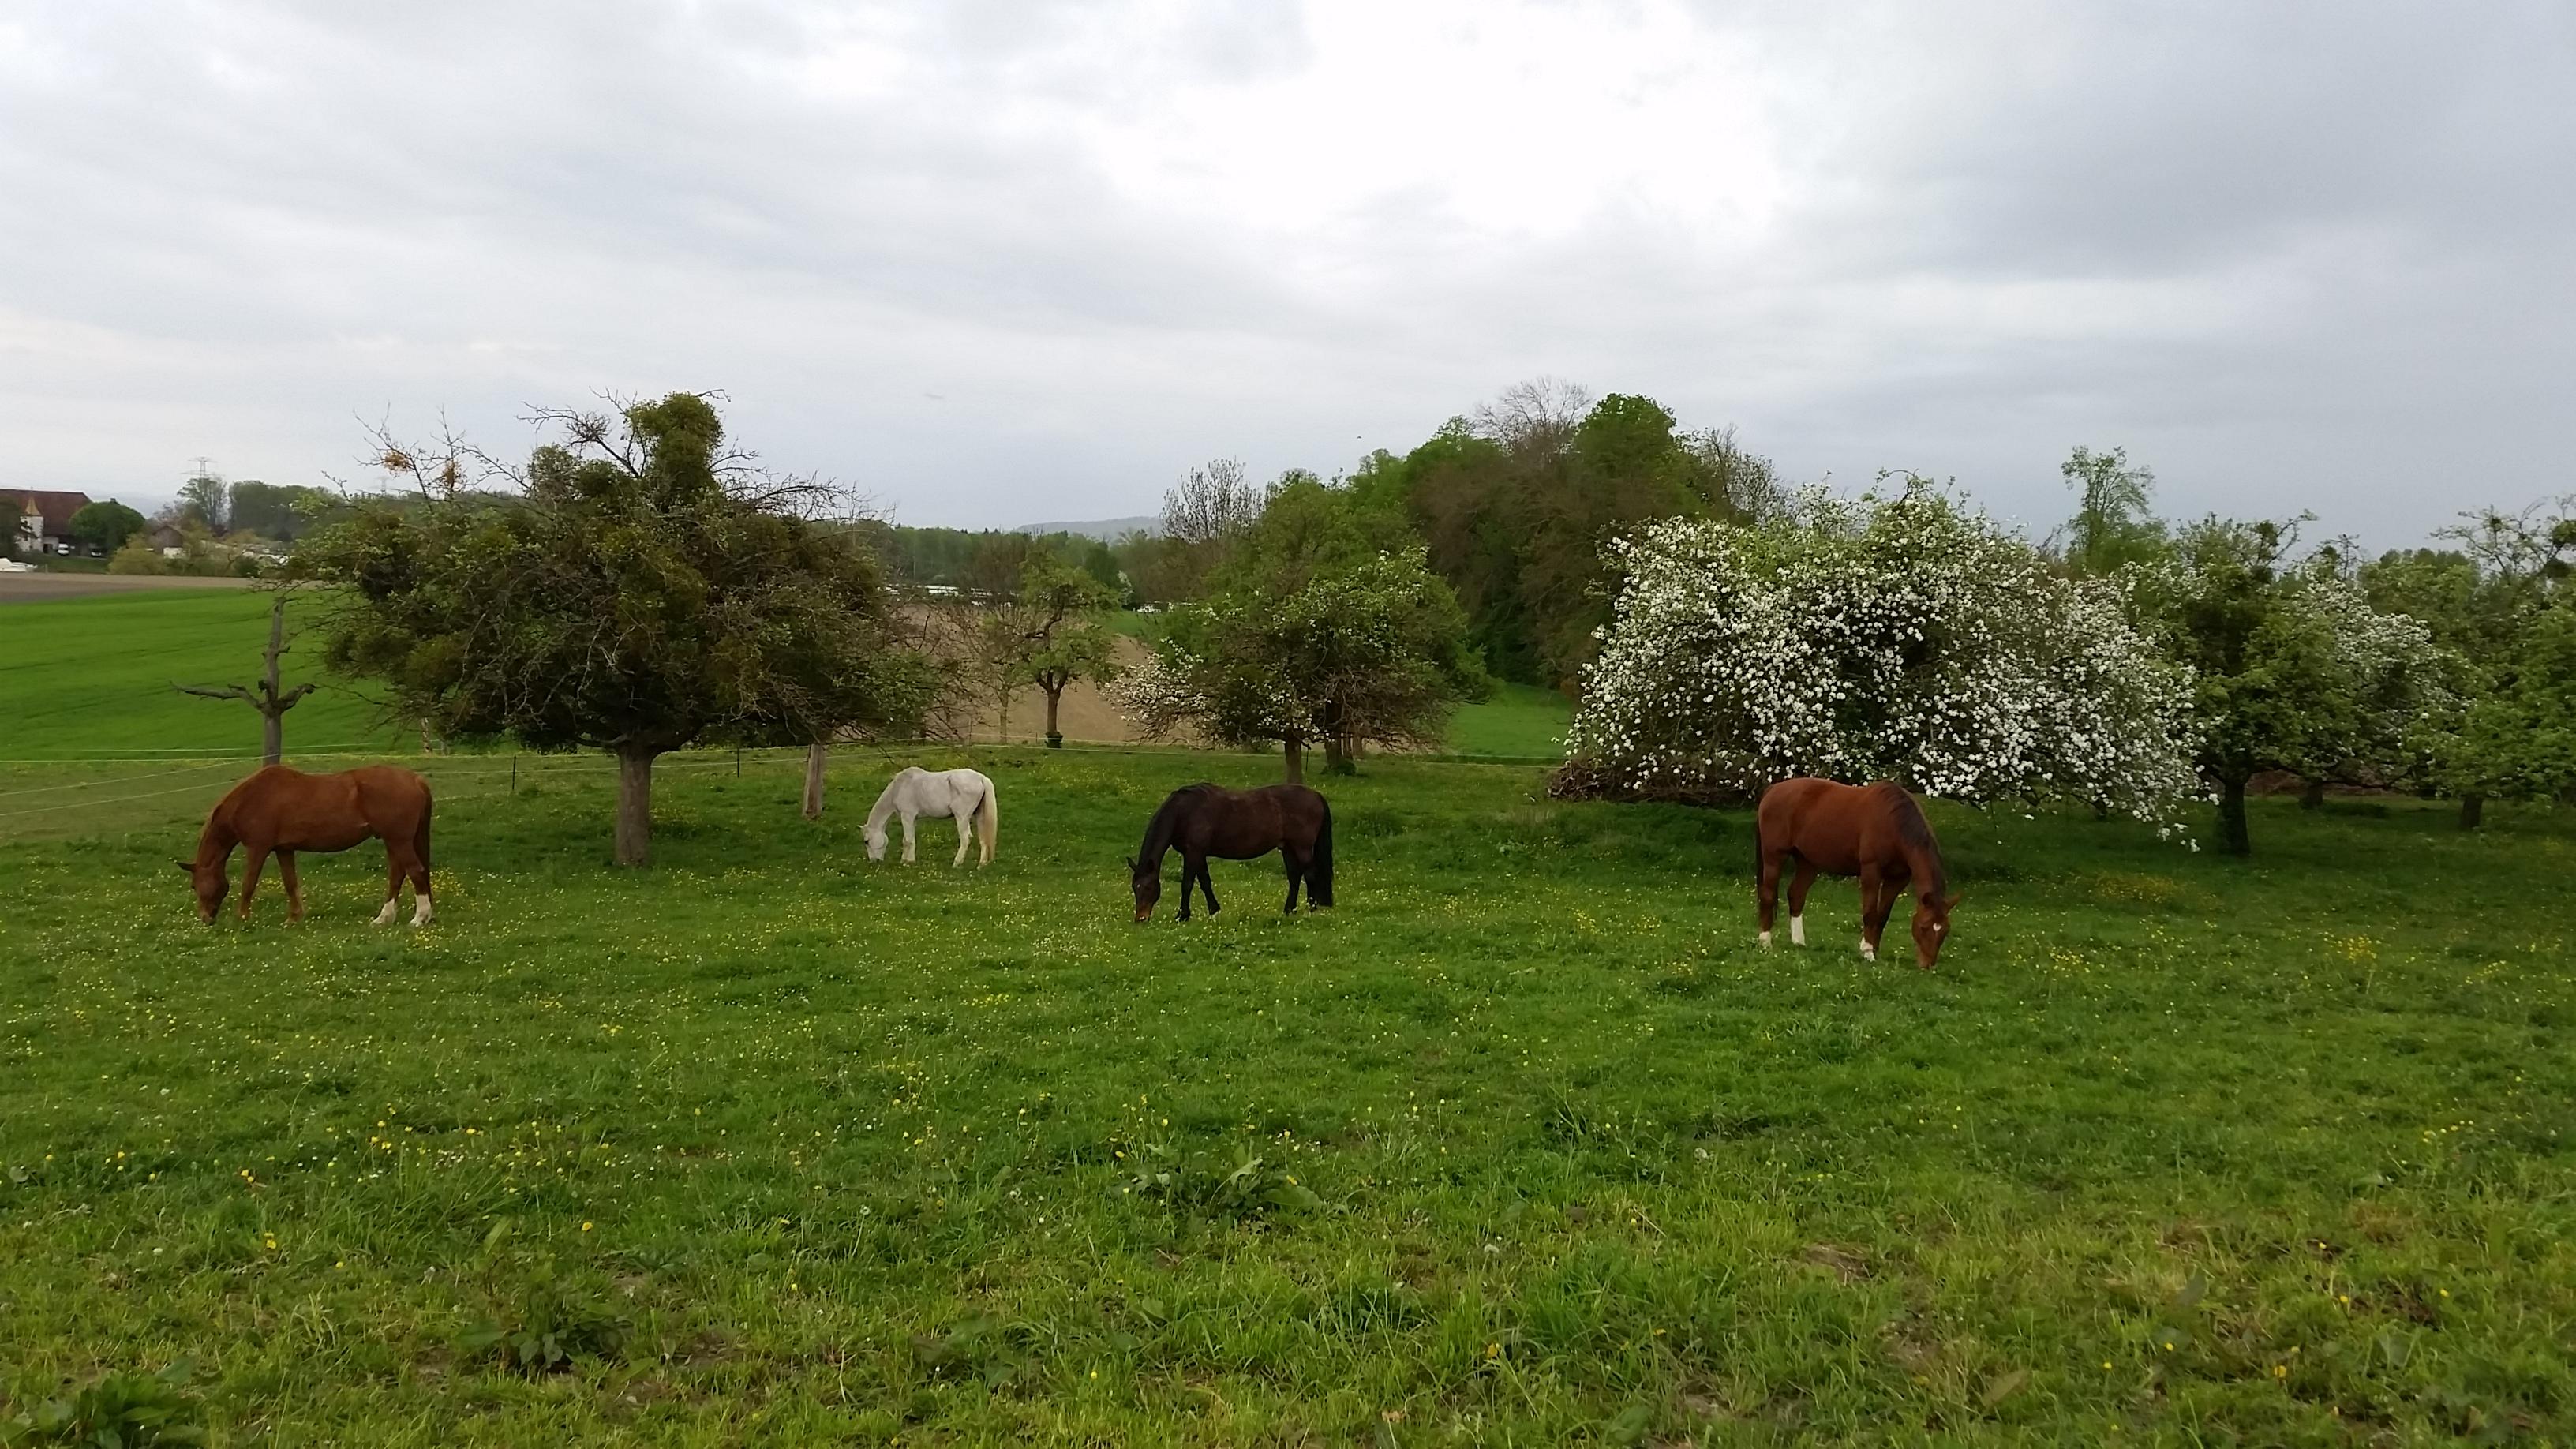 Seit 2002 leben wir jetzt in der Schweiz auf einer grünen Wiese mit Bäumen und Kräutern, mit vielen hohen Bergen rundherum. - Alles was ein Pferdeherz sich wünscht! - ..... 2014 © Heike Veit